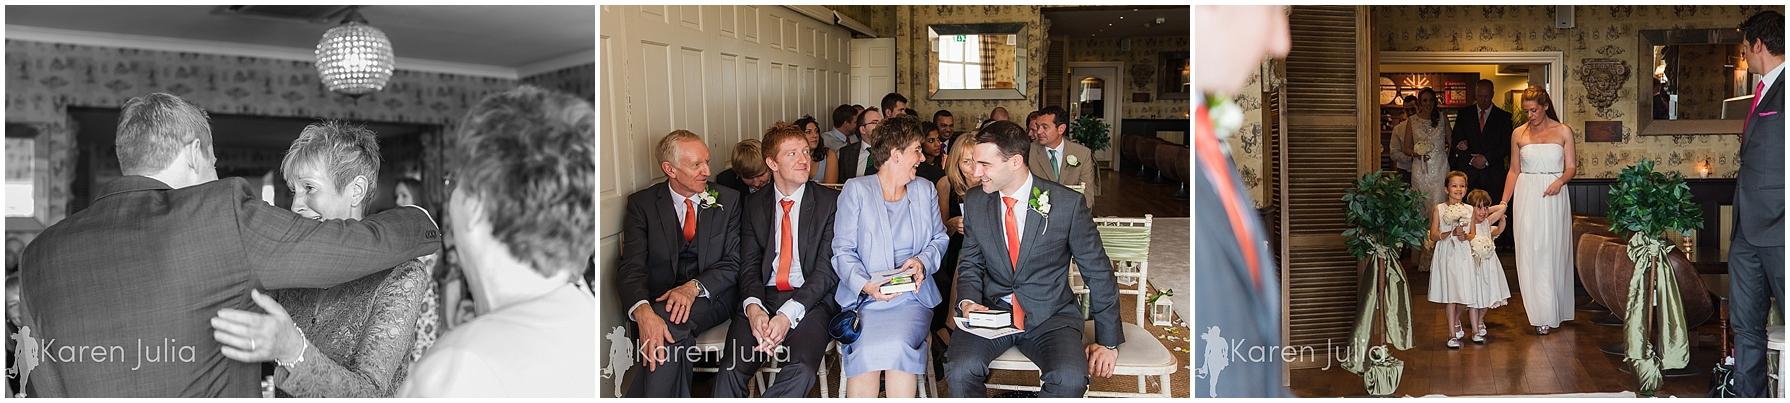 Shireburn-Arms-Wedding-Photography-14